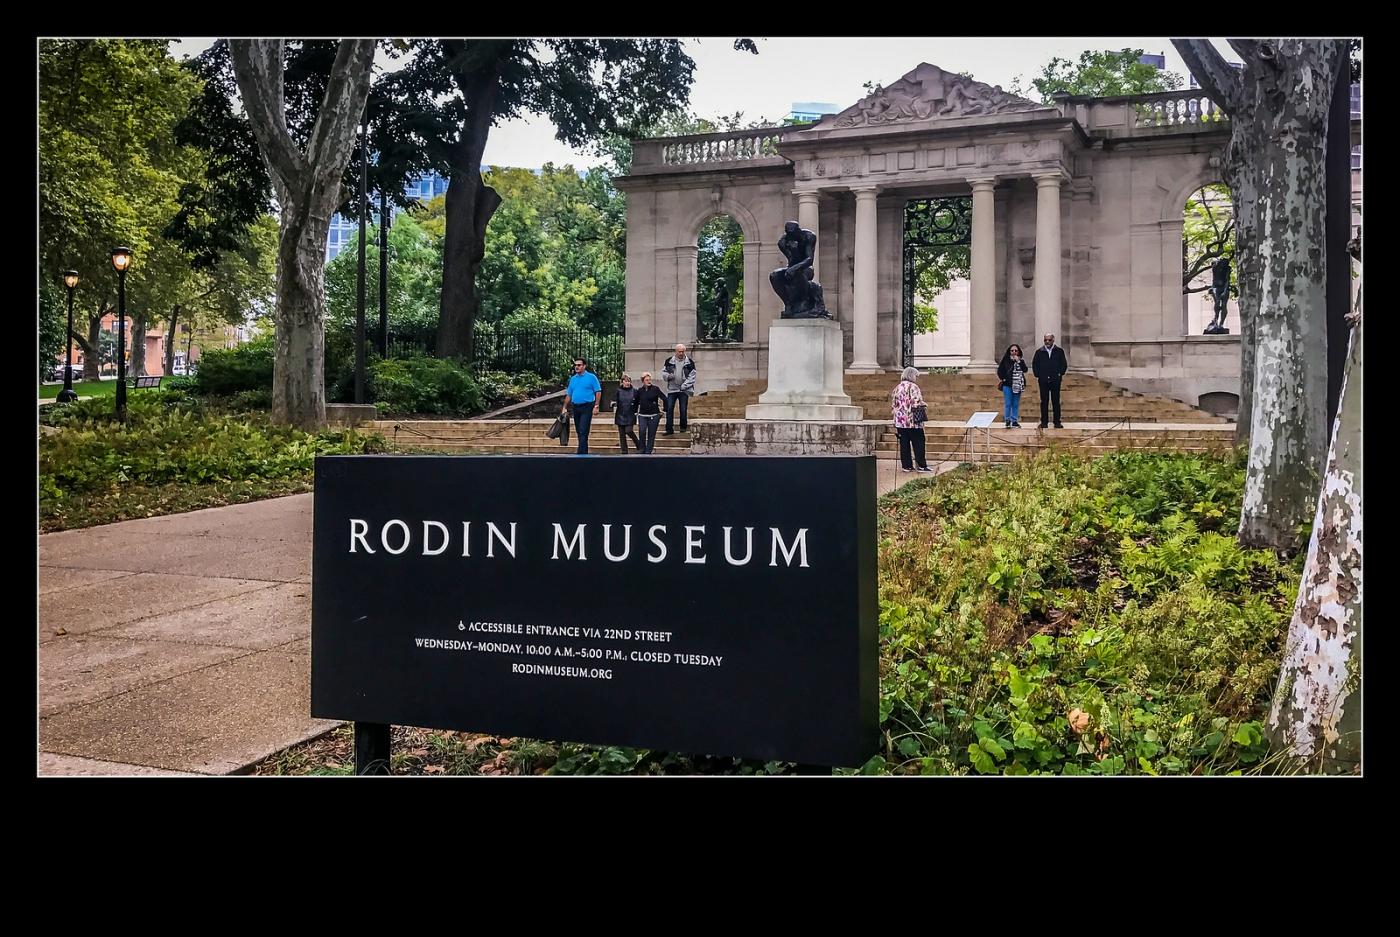 费城罗丹博物馆,值得一看(手机摄影)_图1-3